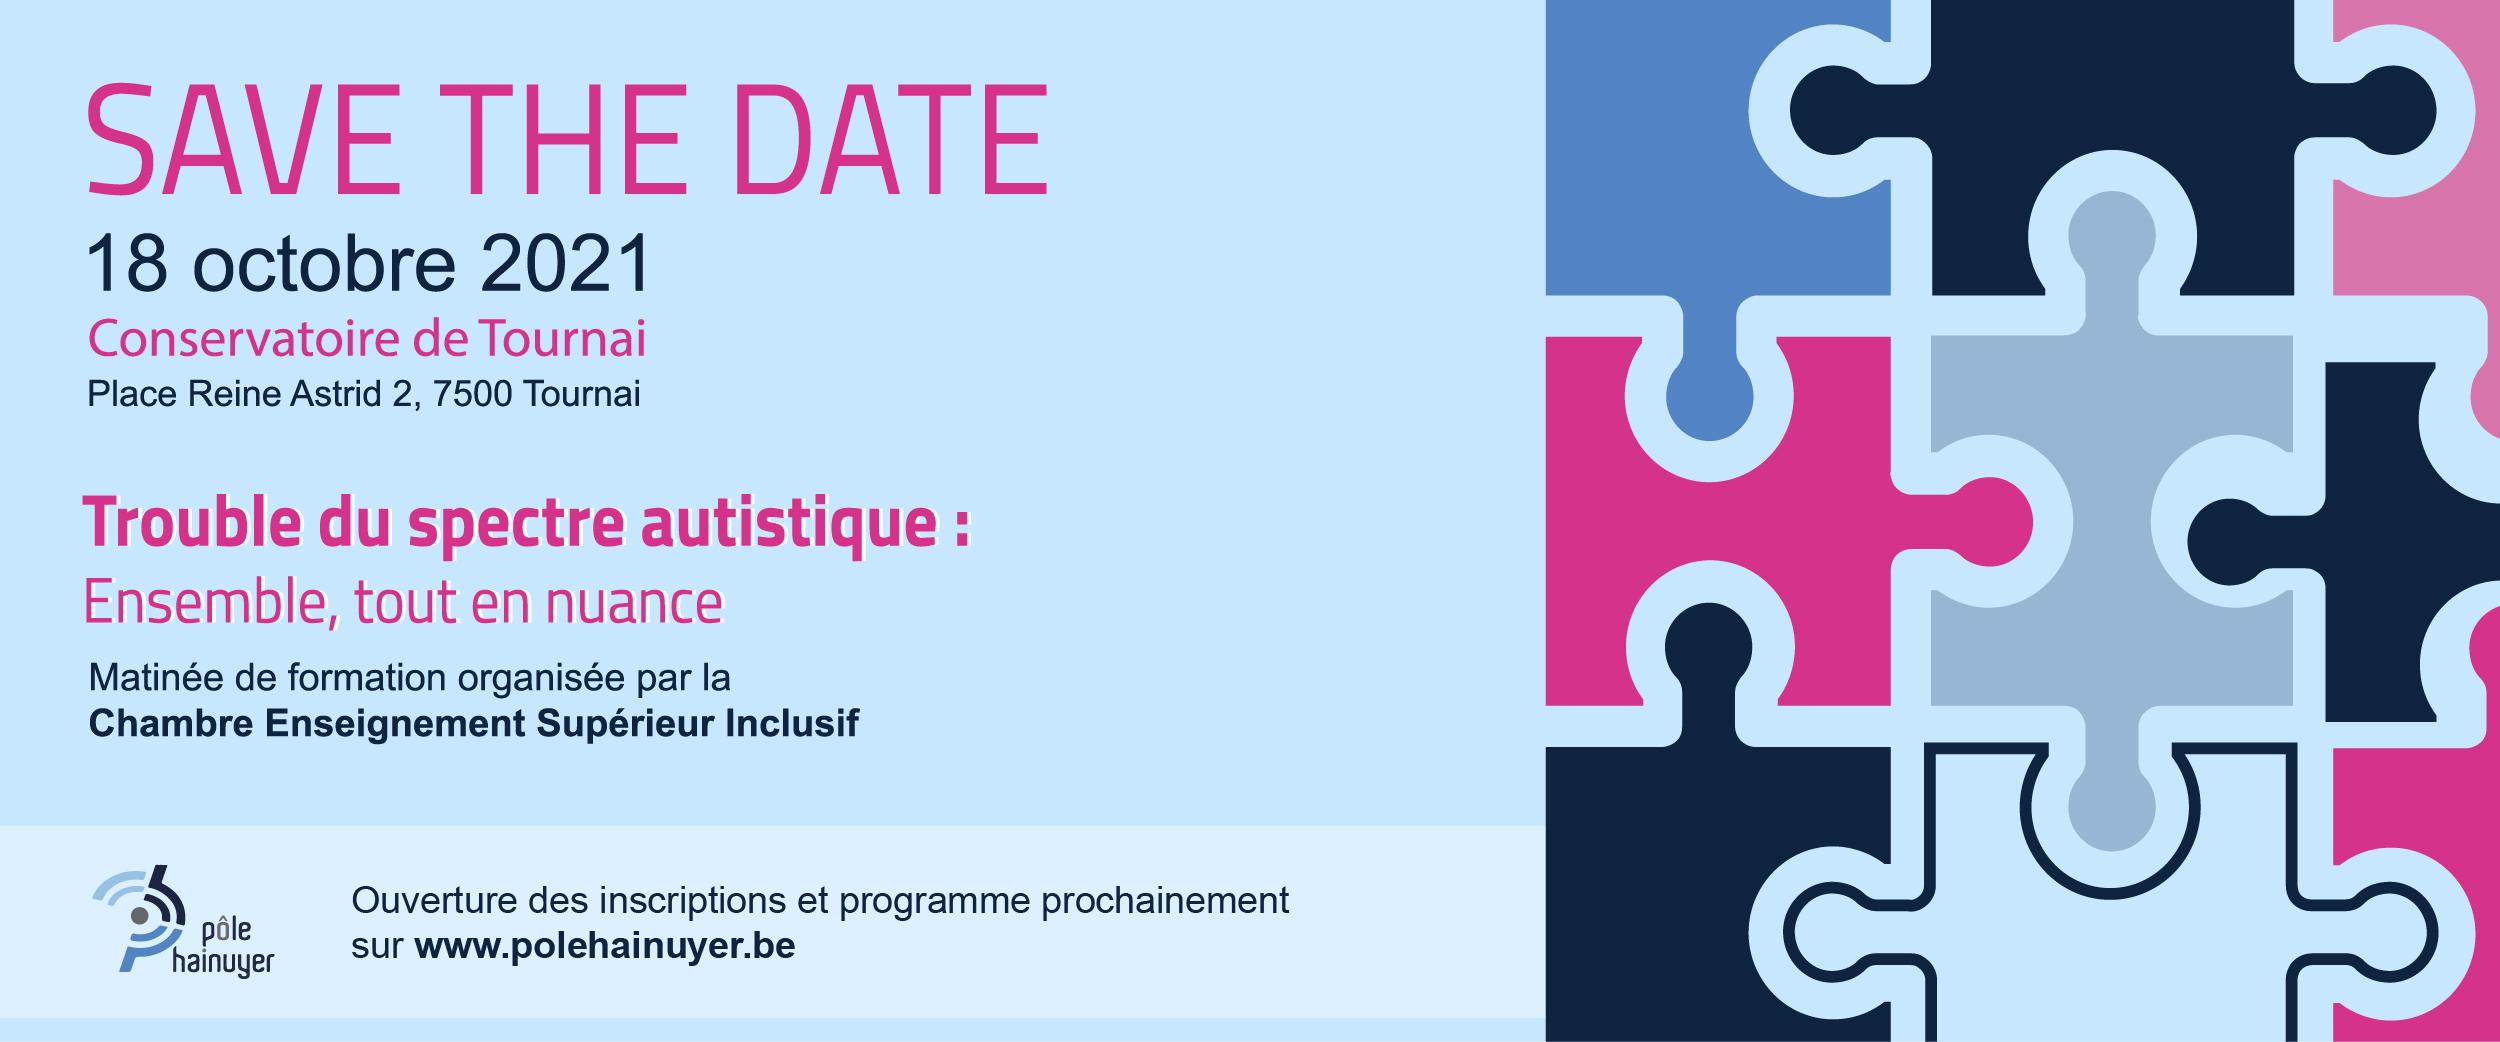 Evénement le 18 octobre à Tournai : Ensemble tout en nuance